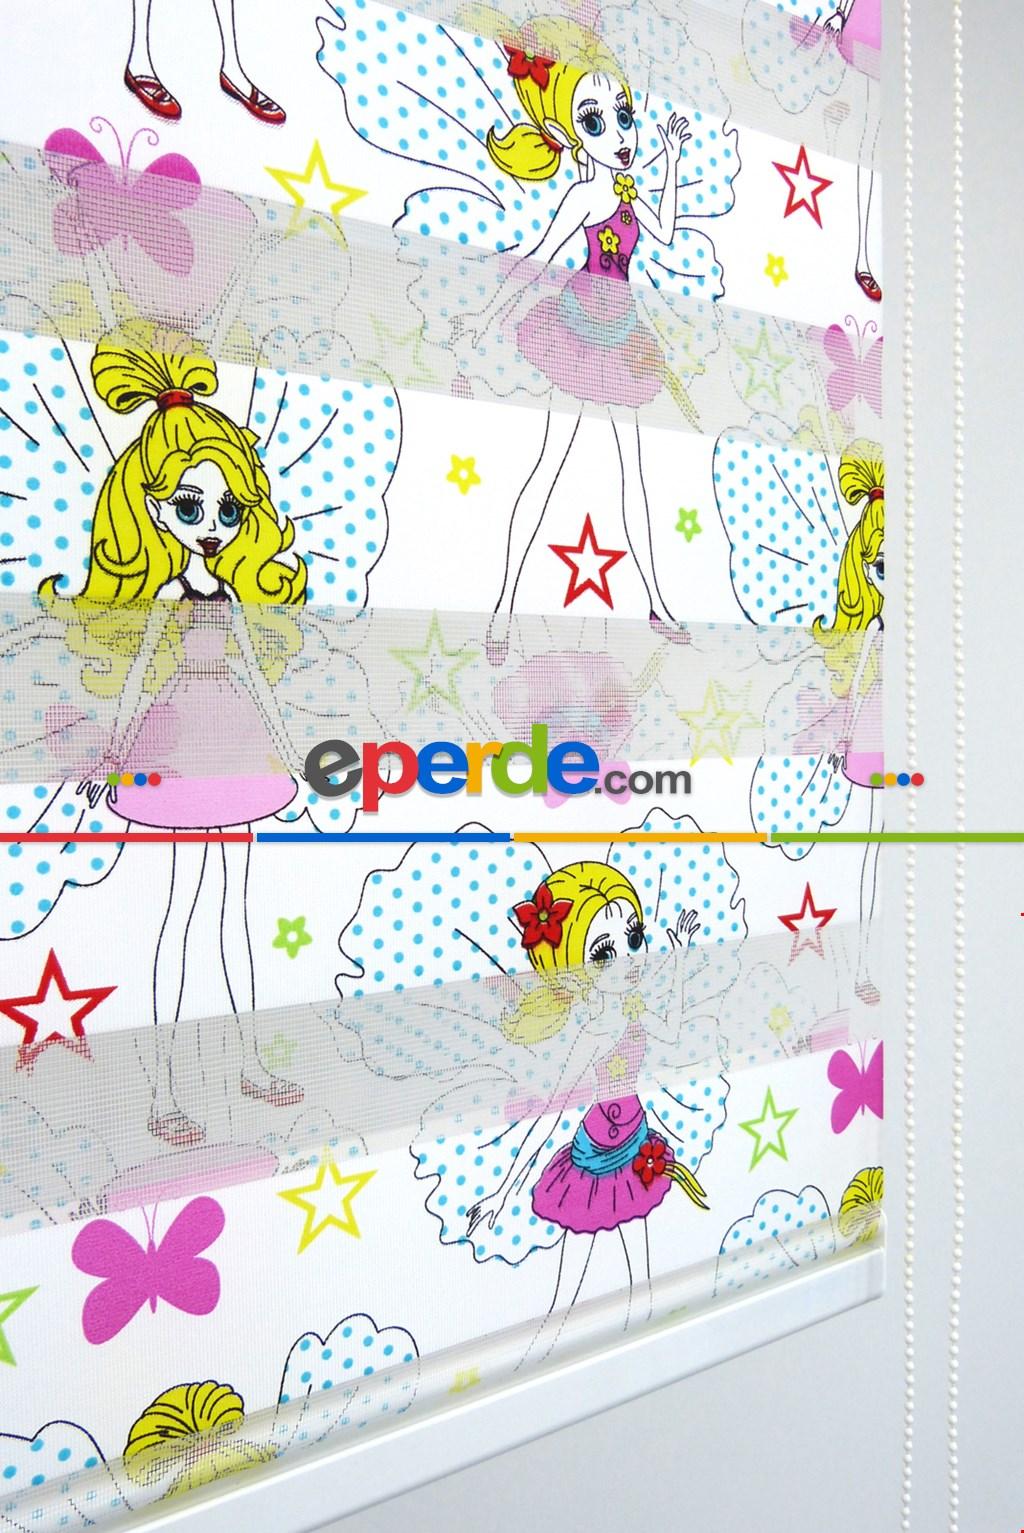 Zebra Perde - Barby Baskılı Çocuk Ve Genç Odası- Sarı-pembe-mor